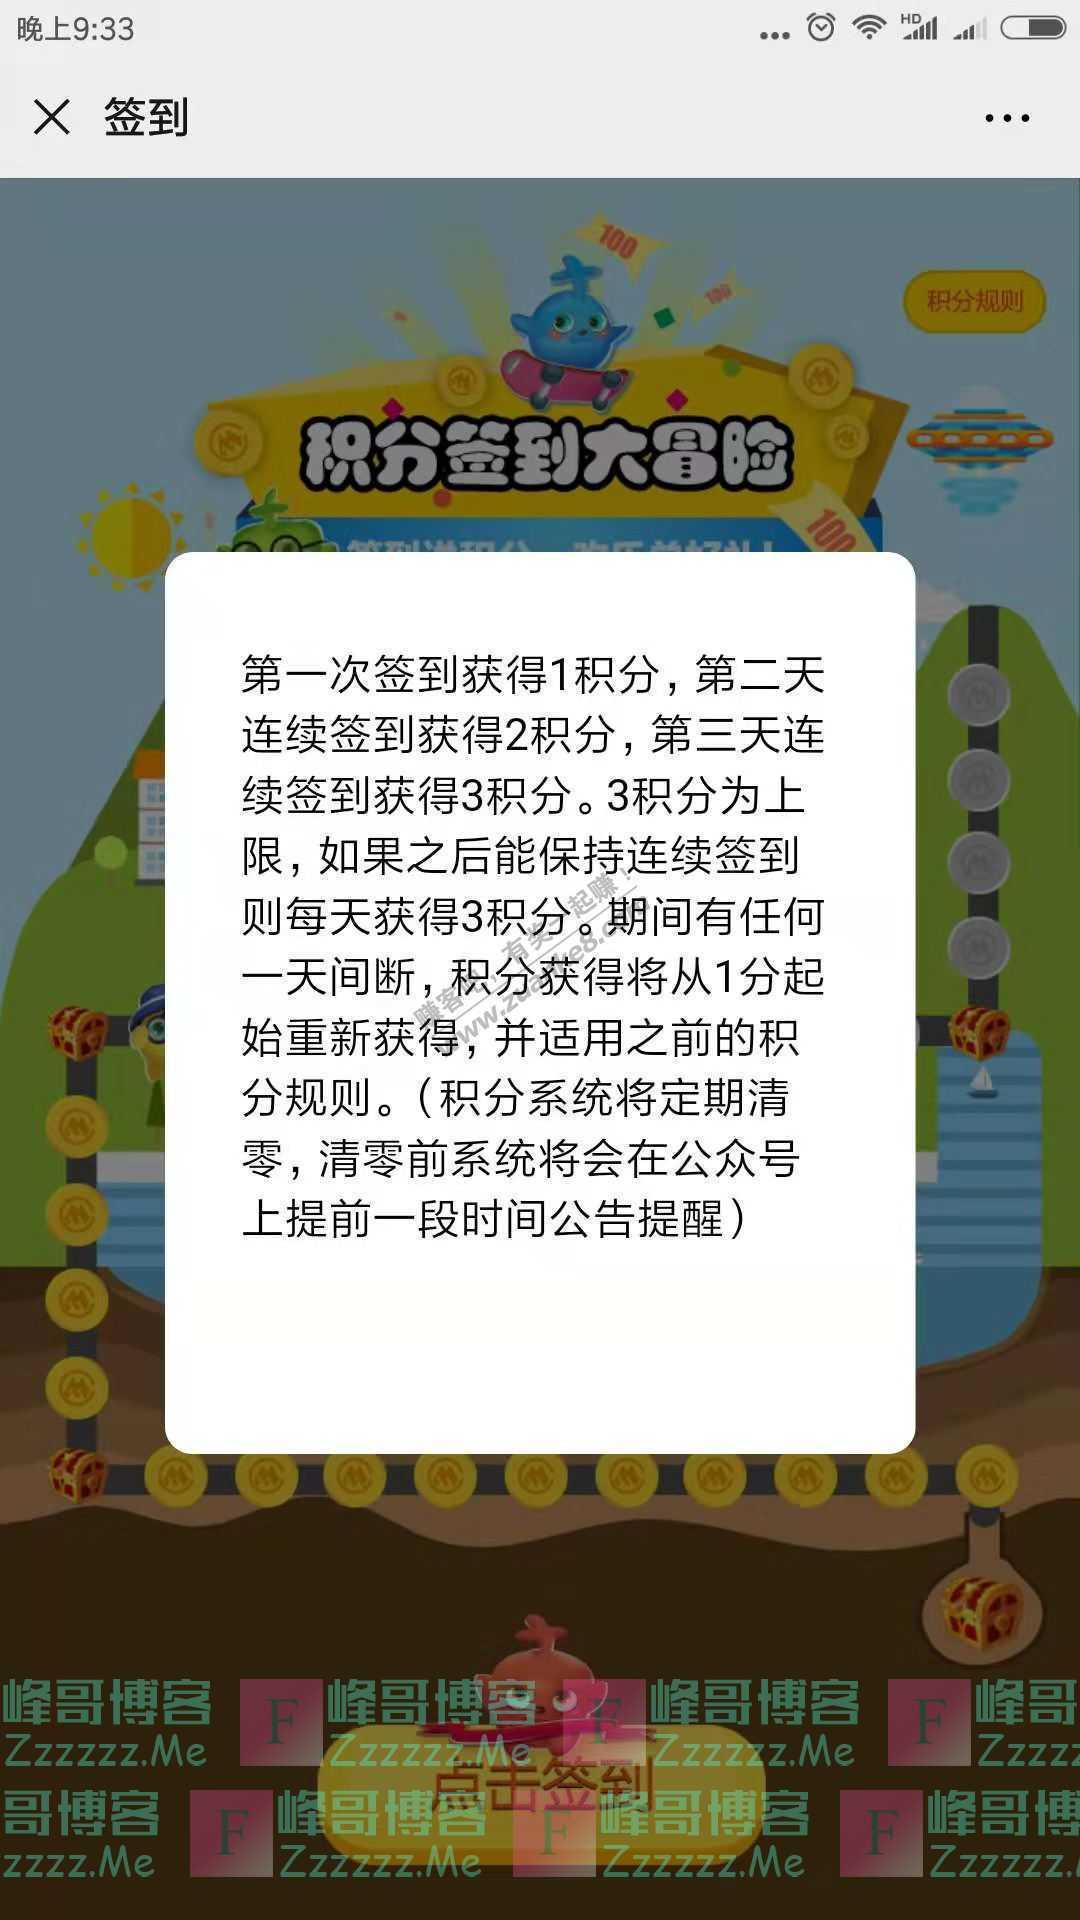 宁波招商会抢hong包,就要拼手速(截止1月18日)